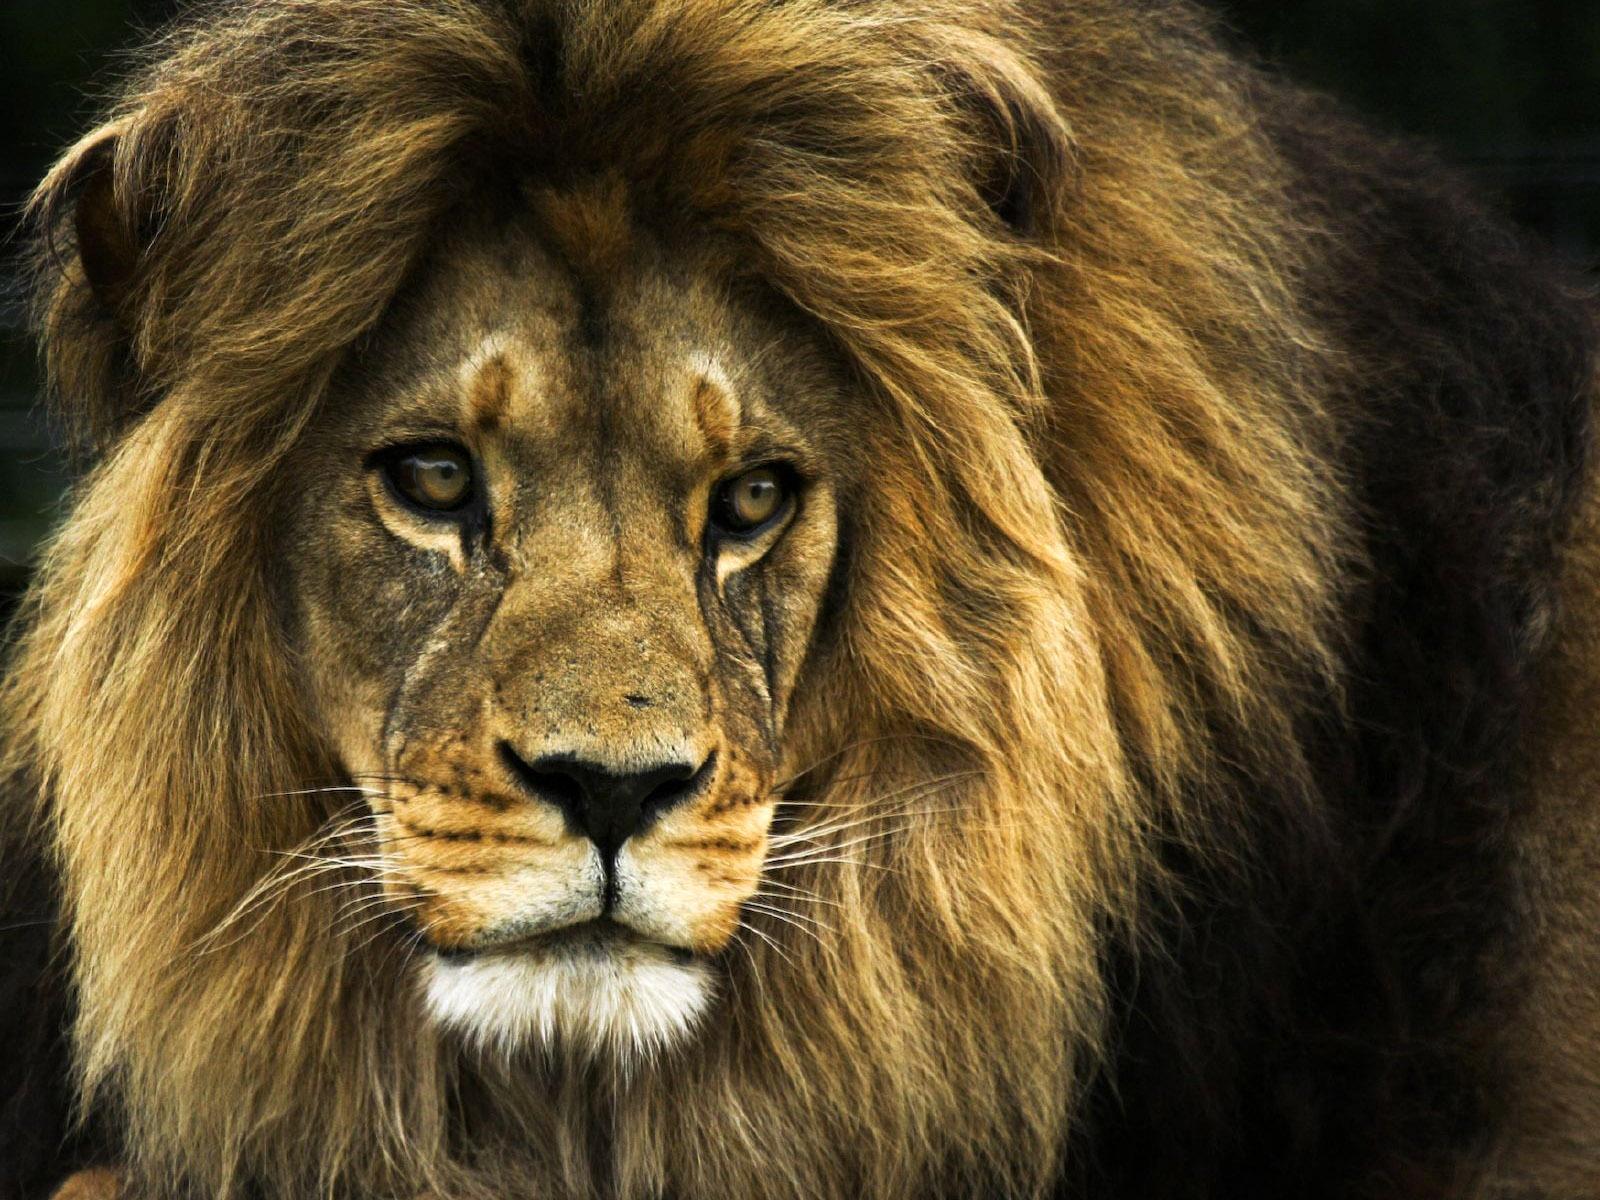 Крупный лев, фото, скачать бесплатно, обои на рабочий стол